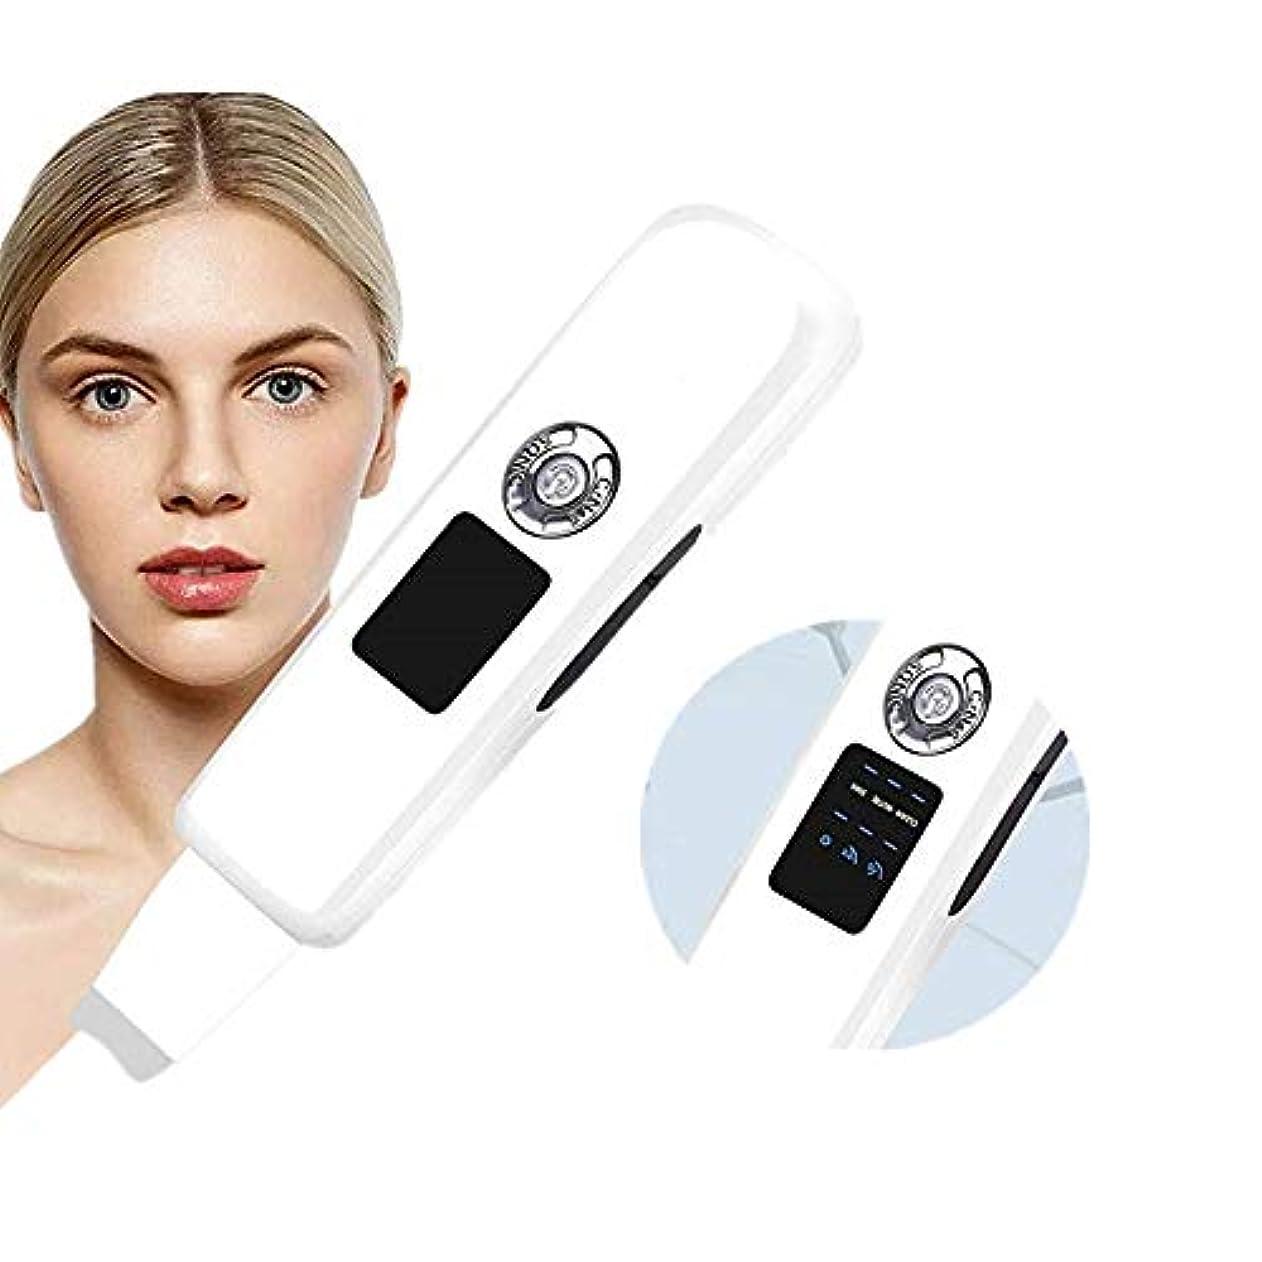 かりてマルクス主義者ベーシック顔の皮膚スクラバー、ジェントルは男性女性ネックホワイトニングTighting若返りのためのリフティング&ファーミングツール、ブラックヘッドコメド毛穴クリーナー死んだ皮膚角質層の抽出を削除します